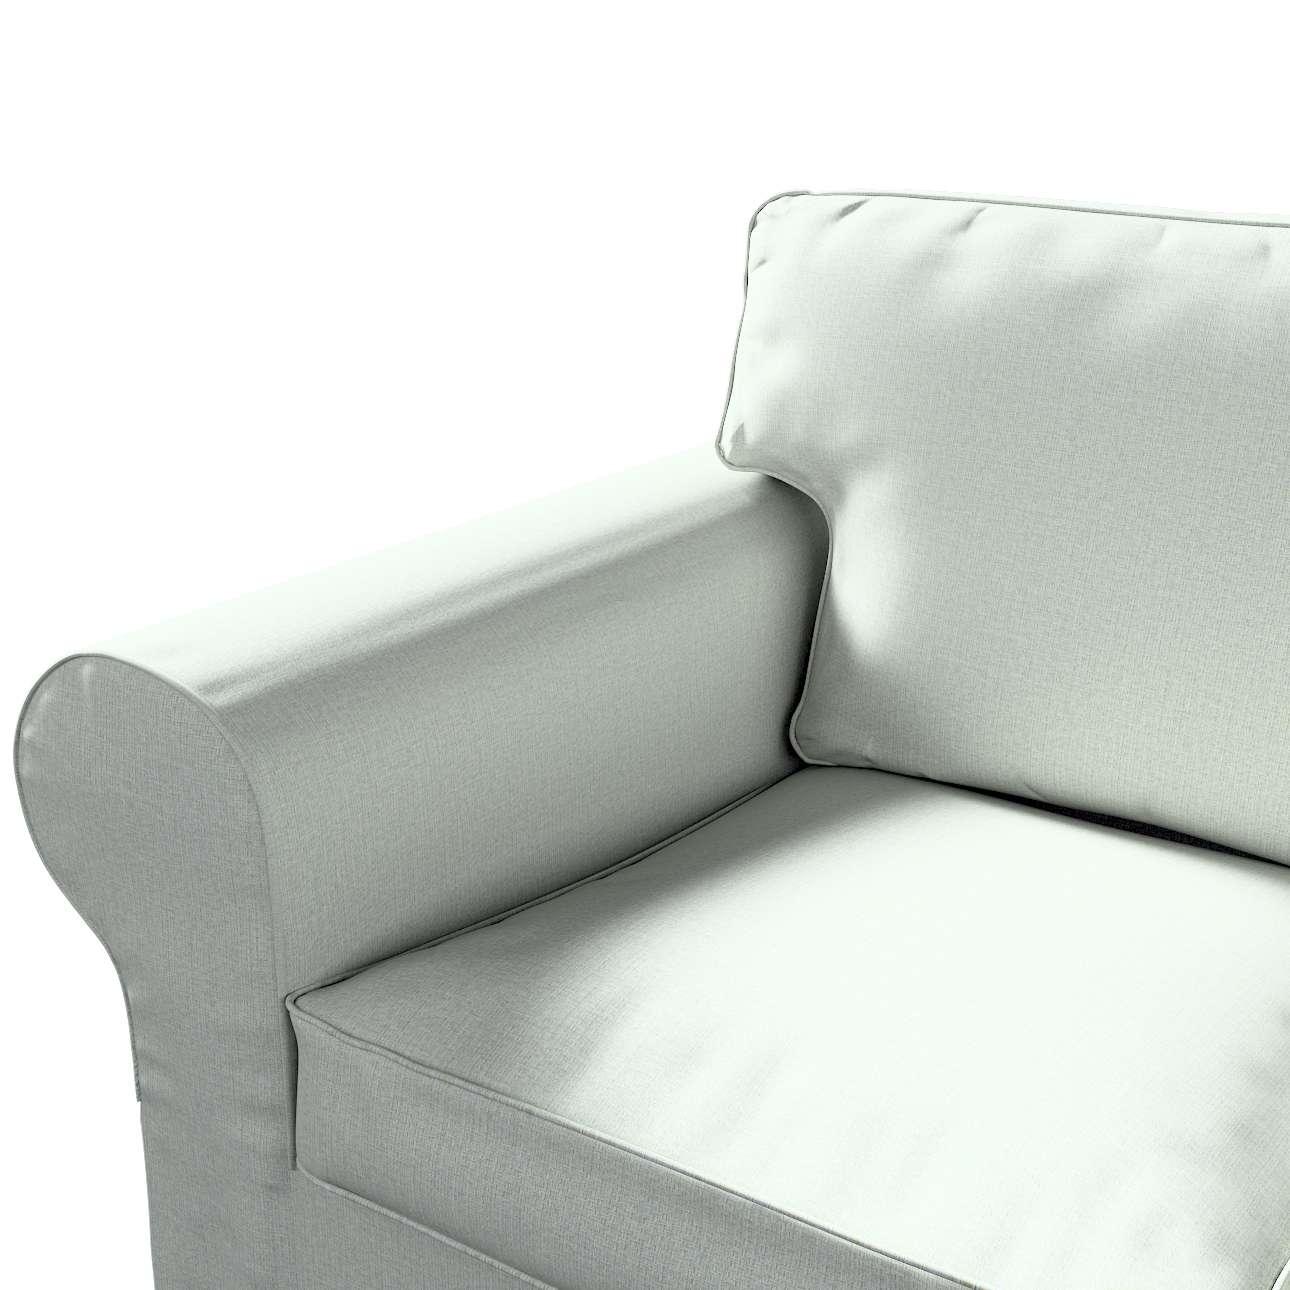 Bezug für Ektorp 3-Sitzer Sofa nicht ausklappbar von der Kollektion Living, Stoff: 161-41